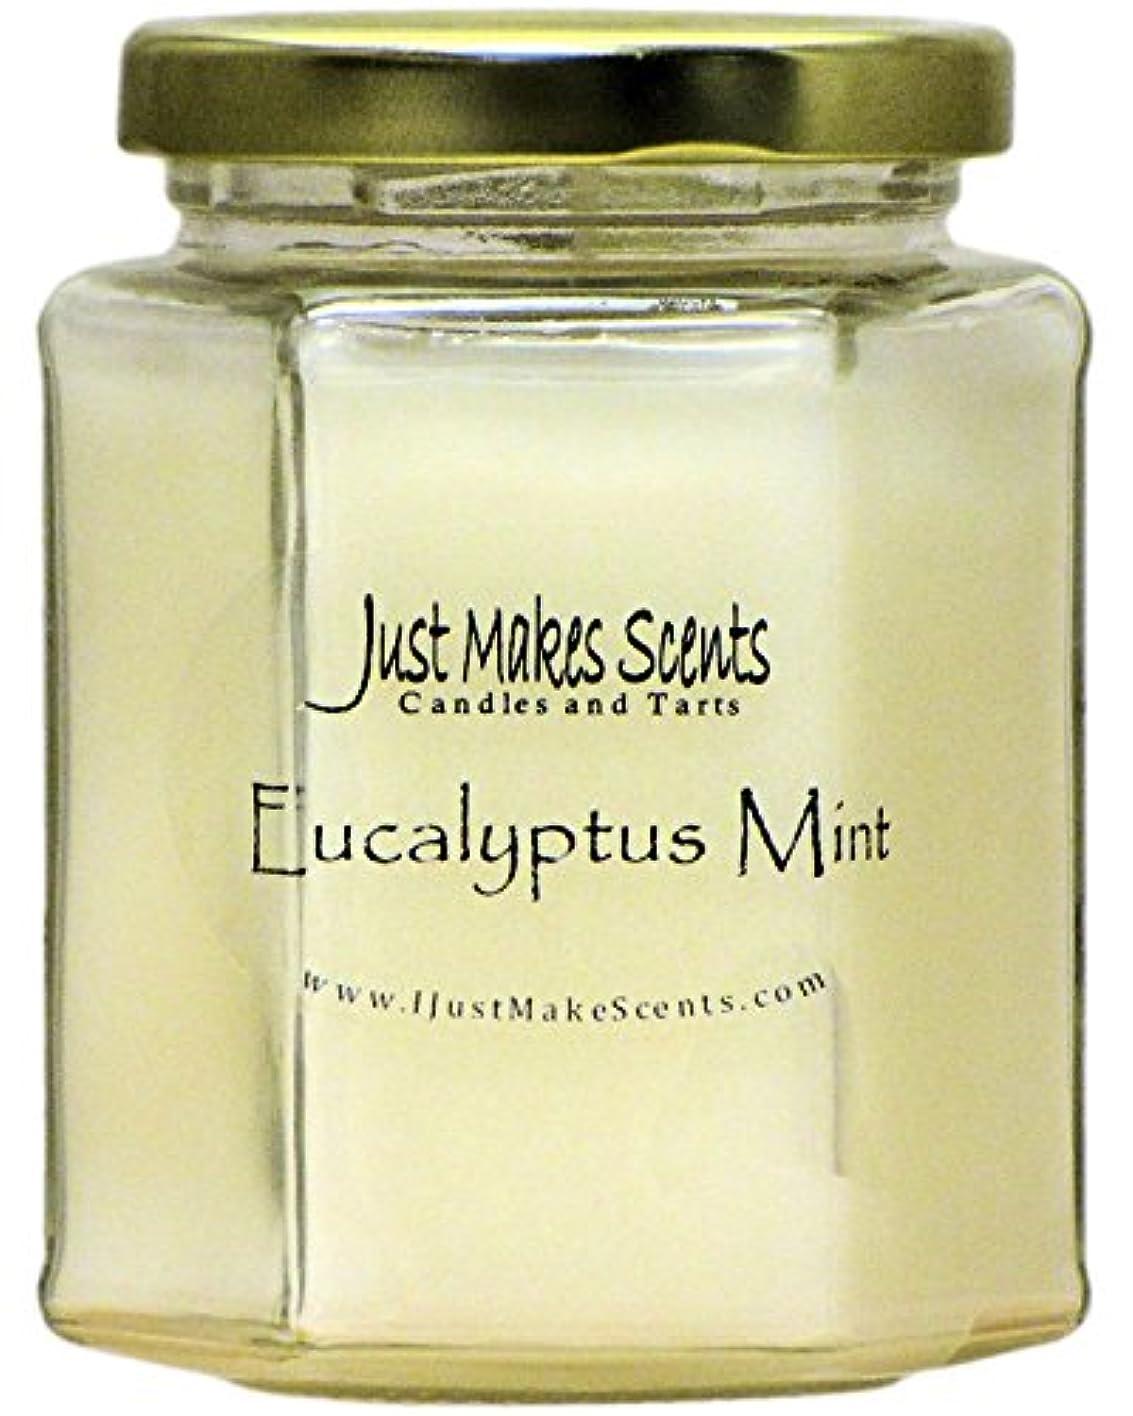 弓あいまいさハウジングユーカリミント香りつきBlended Soy Candle | Aromatherapy Stress Relief |手Poured in the USA by Just Makes Scents ( 8オンス)